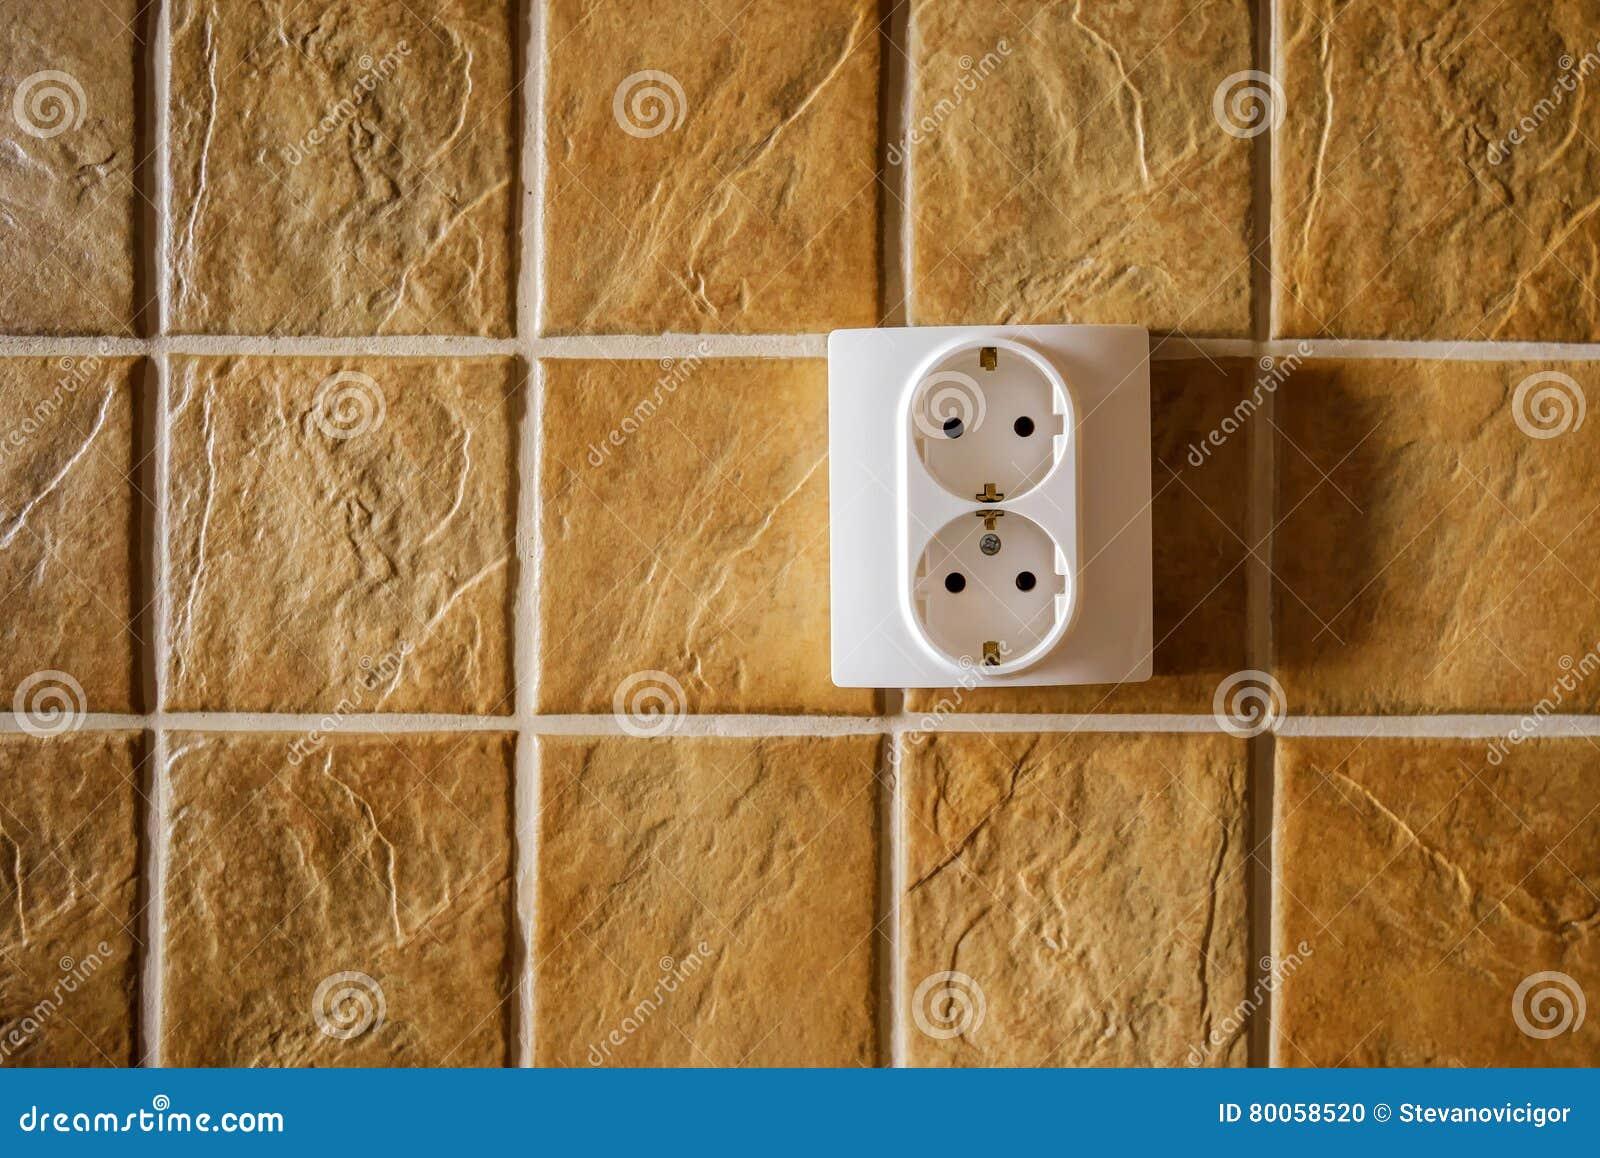 Parete Della Cucina : Incavo elettrico bianco sulla parete della cucina con le